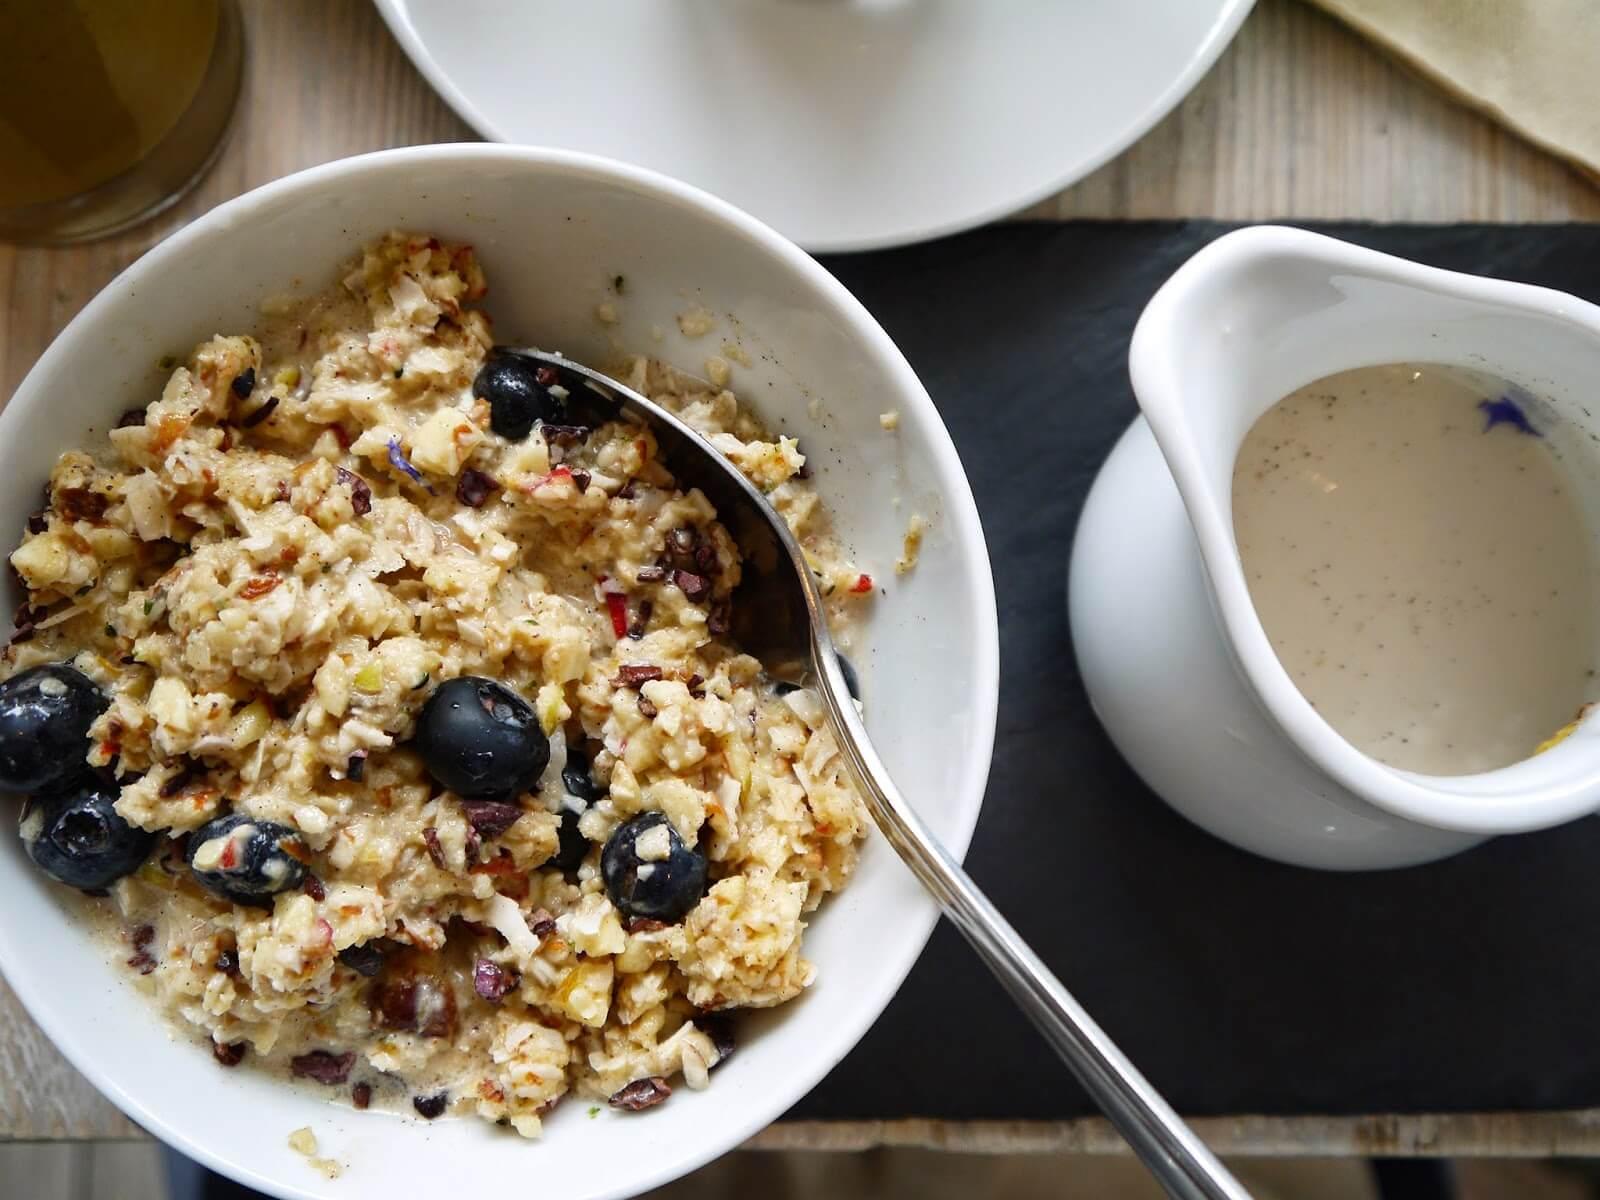 best breakfast in London, porridge cafe london, porridge london, best porridge in london, porridge restaurant london, best porridge london, breakfast in london, best breakfast in london, breakfast london, london breakfast, best breakfasts in london, breakfasts in london, breakfast places in london, best places for breakfast in london, london breakfasts, best english breakfast in london, best place for breakfast in london, great breakfast in london, breakfast restaurant london, breakfasts london, breakfast east london, breakfast places london, breakfast place in london, best london breakfast, the best breakfast in london, places for breakfast in london, london breakfast places, great breakfast london, healthy breakfast in london, breakfast in central london, breakfast in east london, breakfast london victoria, top breakfast in london, breakfast restaurant in london, best breakfast place in london, breakfast best london